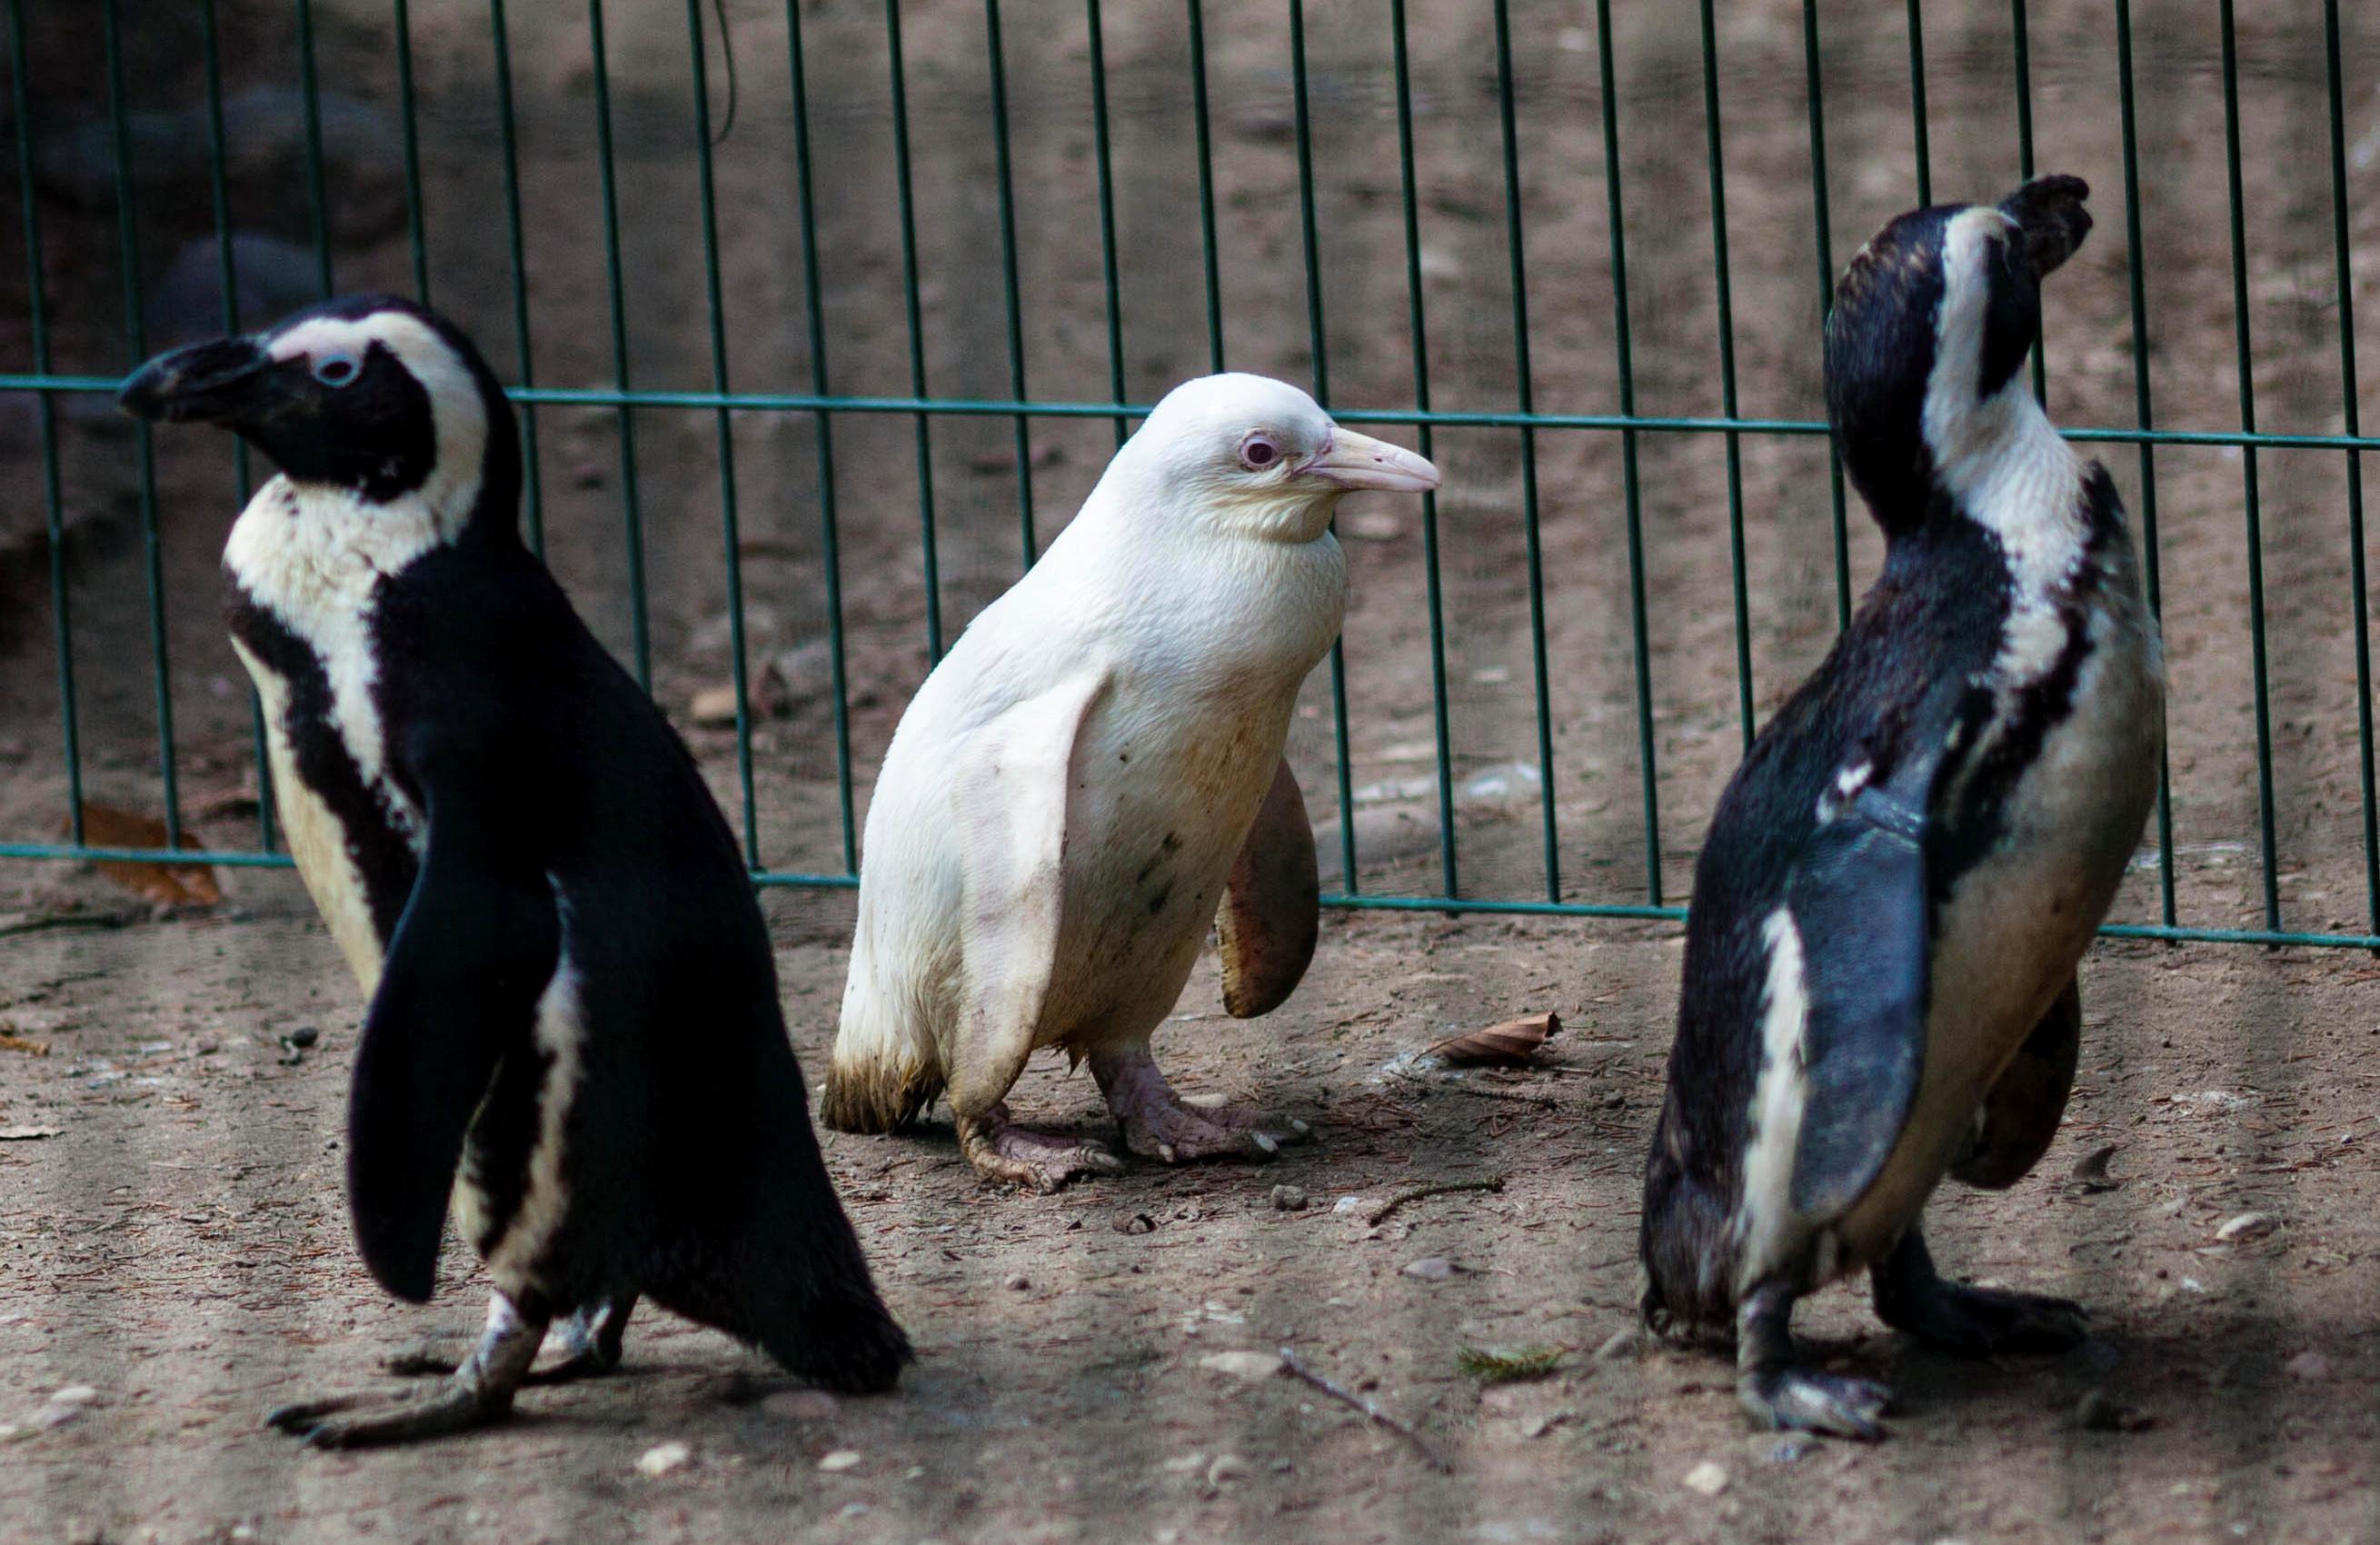 Há um pinguim albino raro no jardim zoológico na Polónia e é adorável